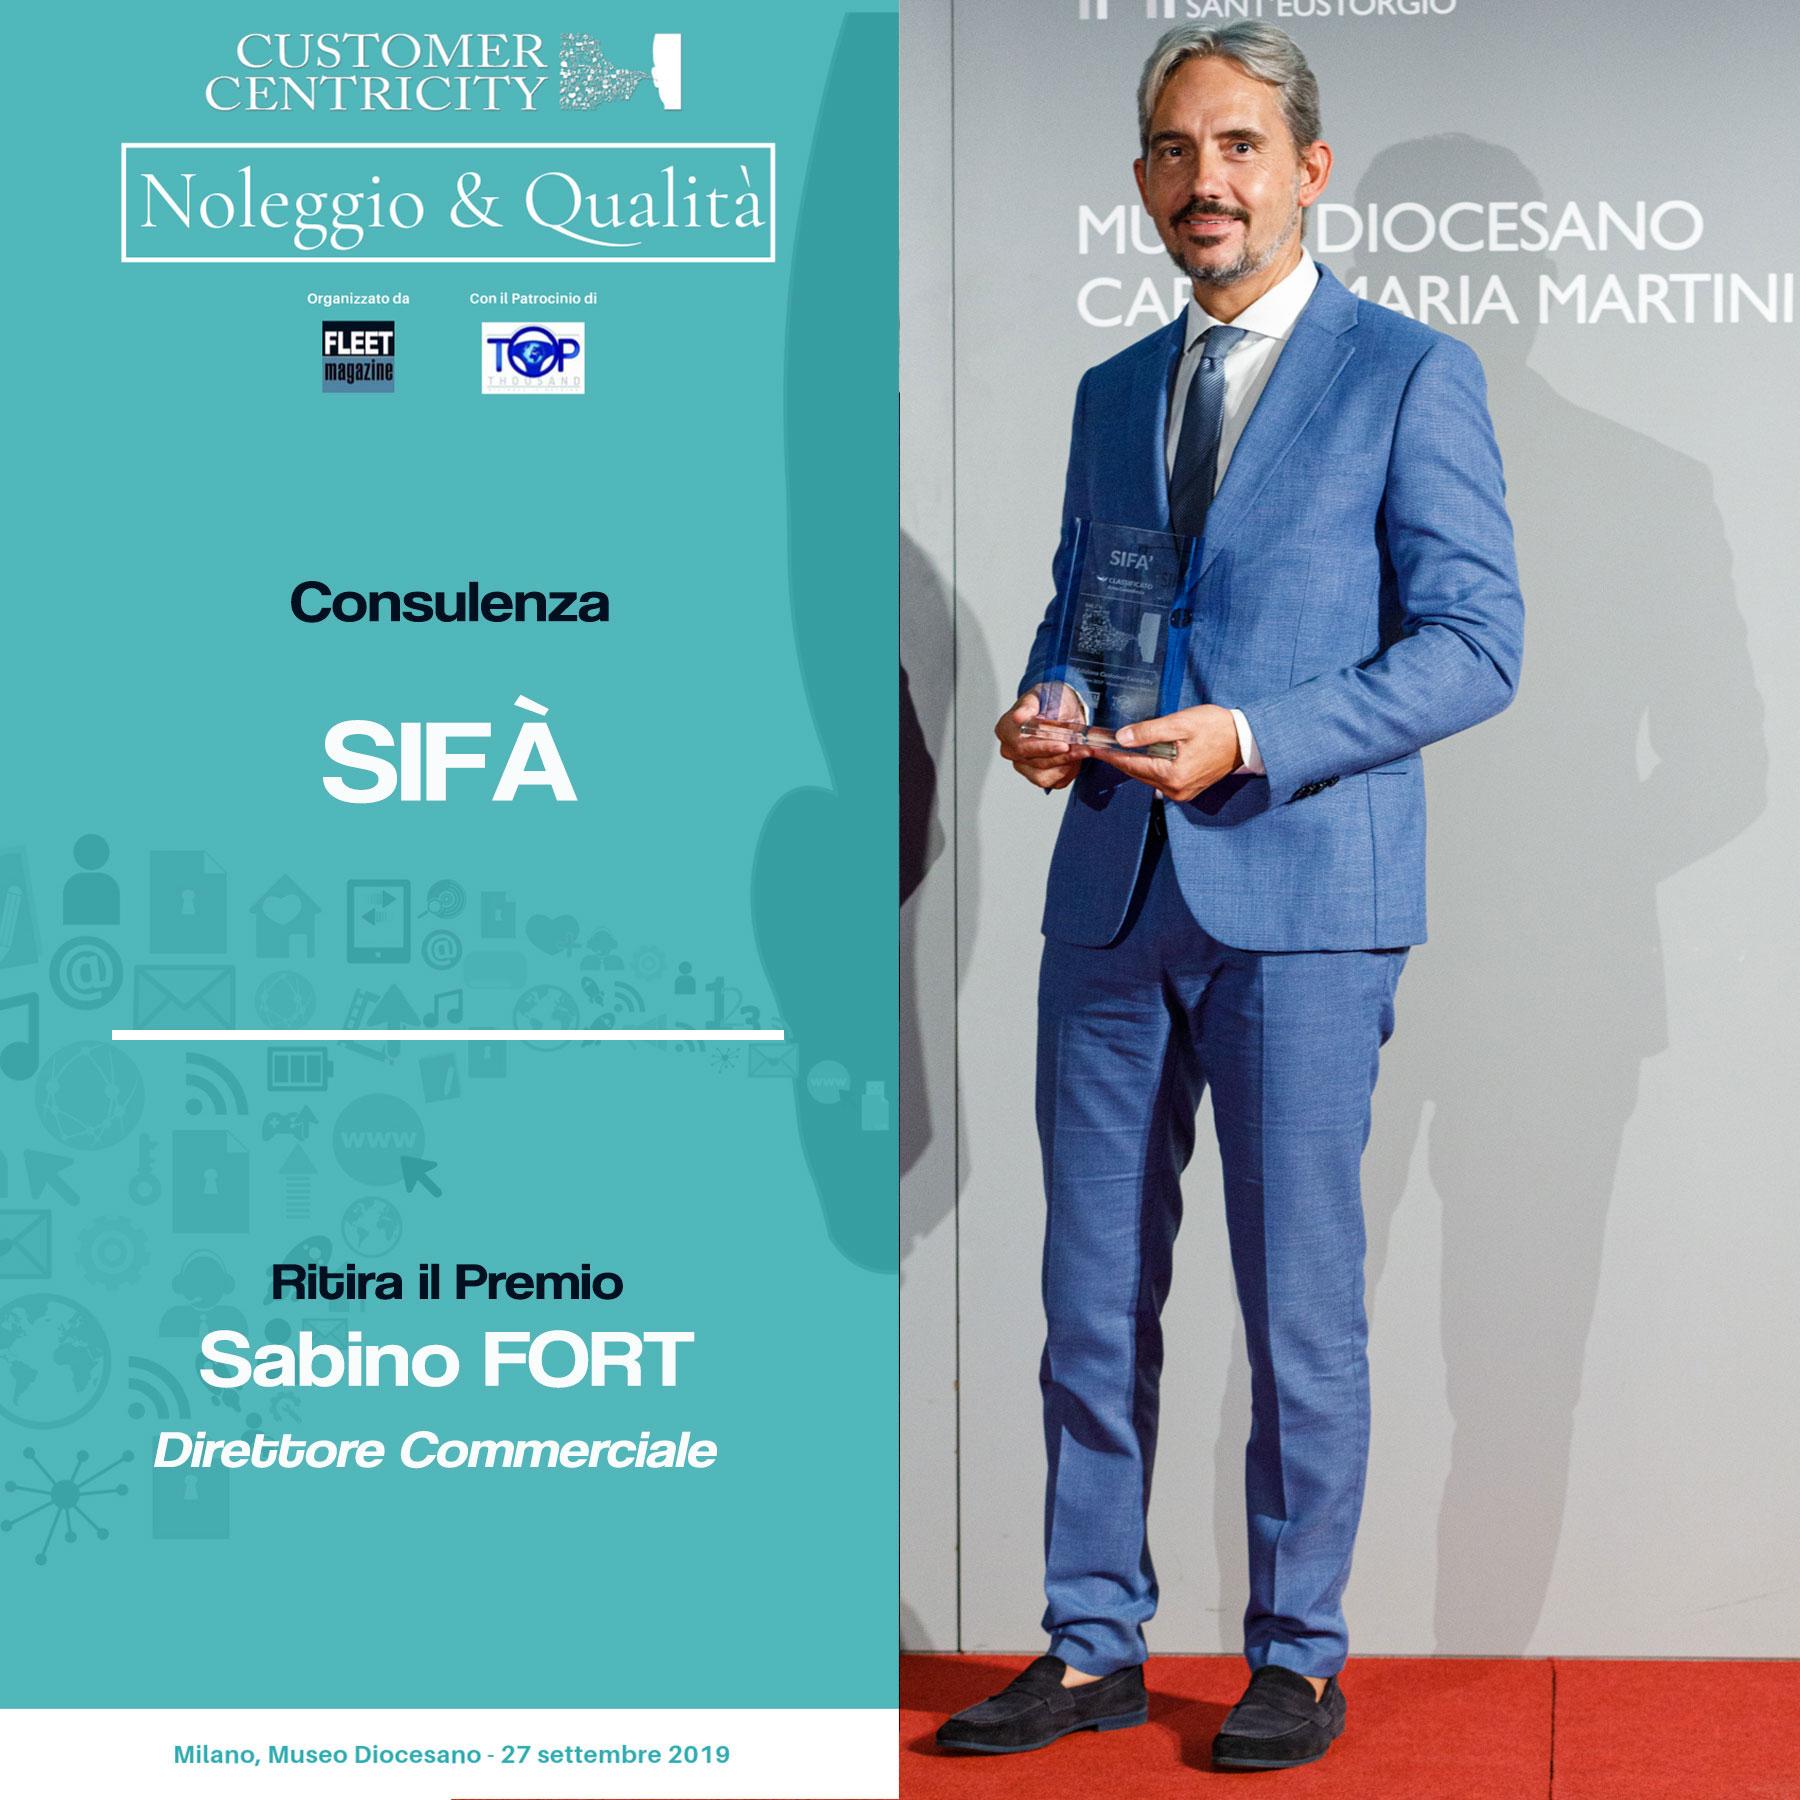 sifa-customer-centricity-sabino-fort